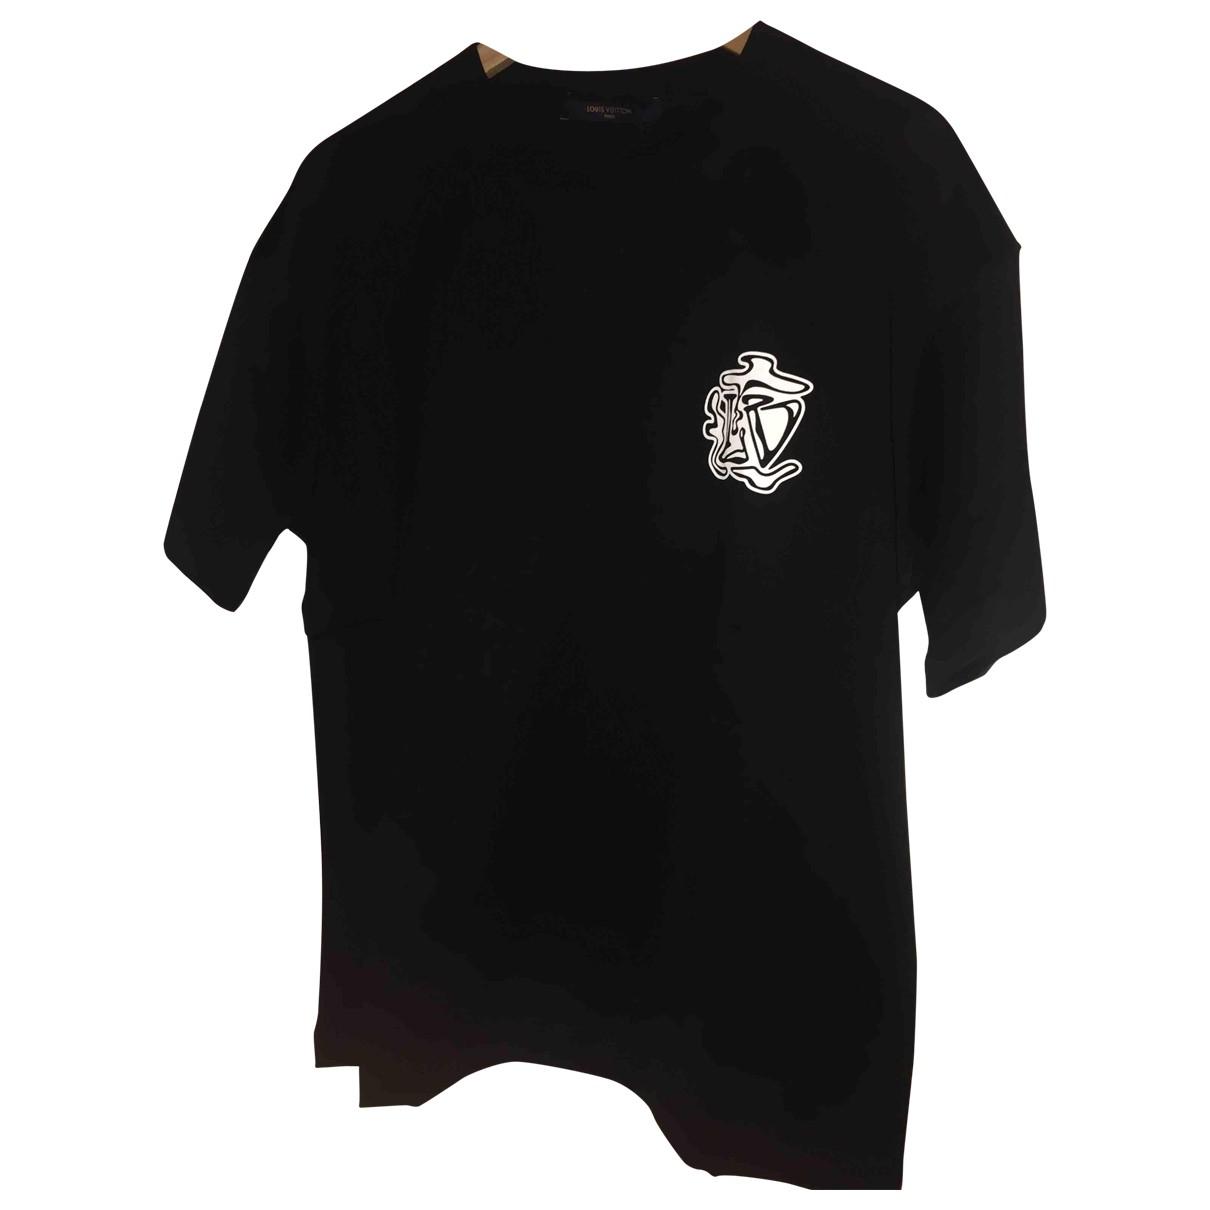 Louis Vuitton - Tee shirts   pour homme en coton - noir